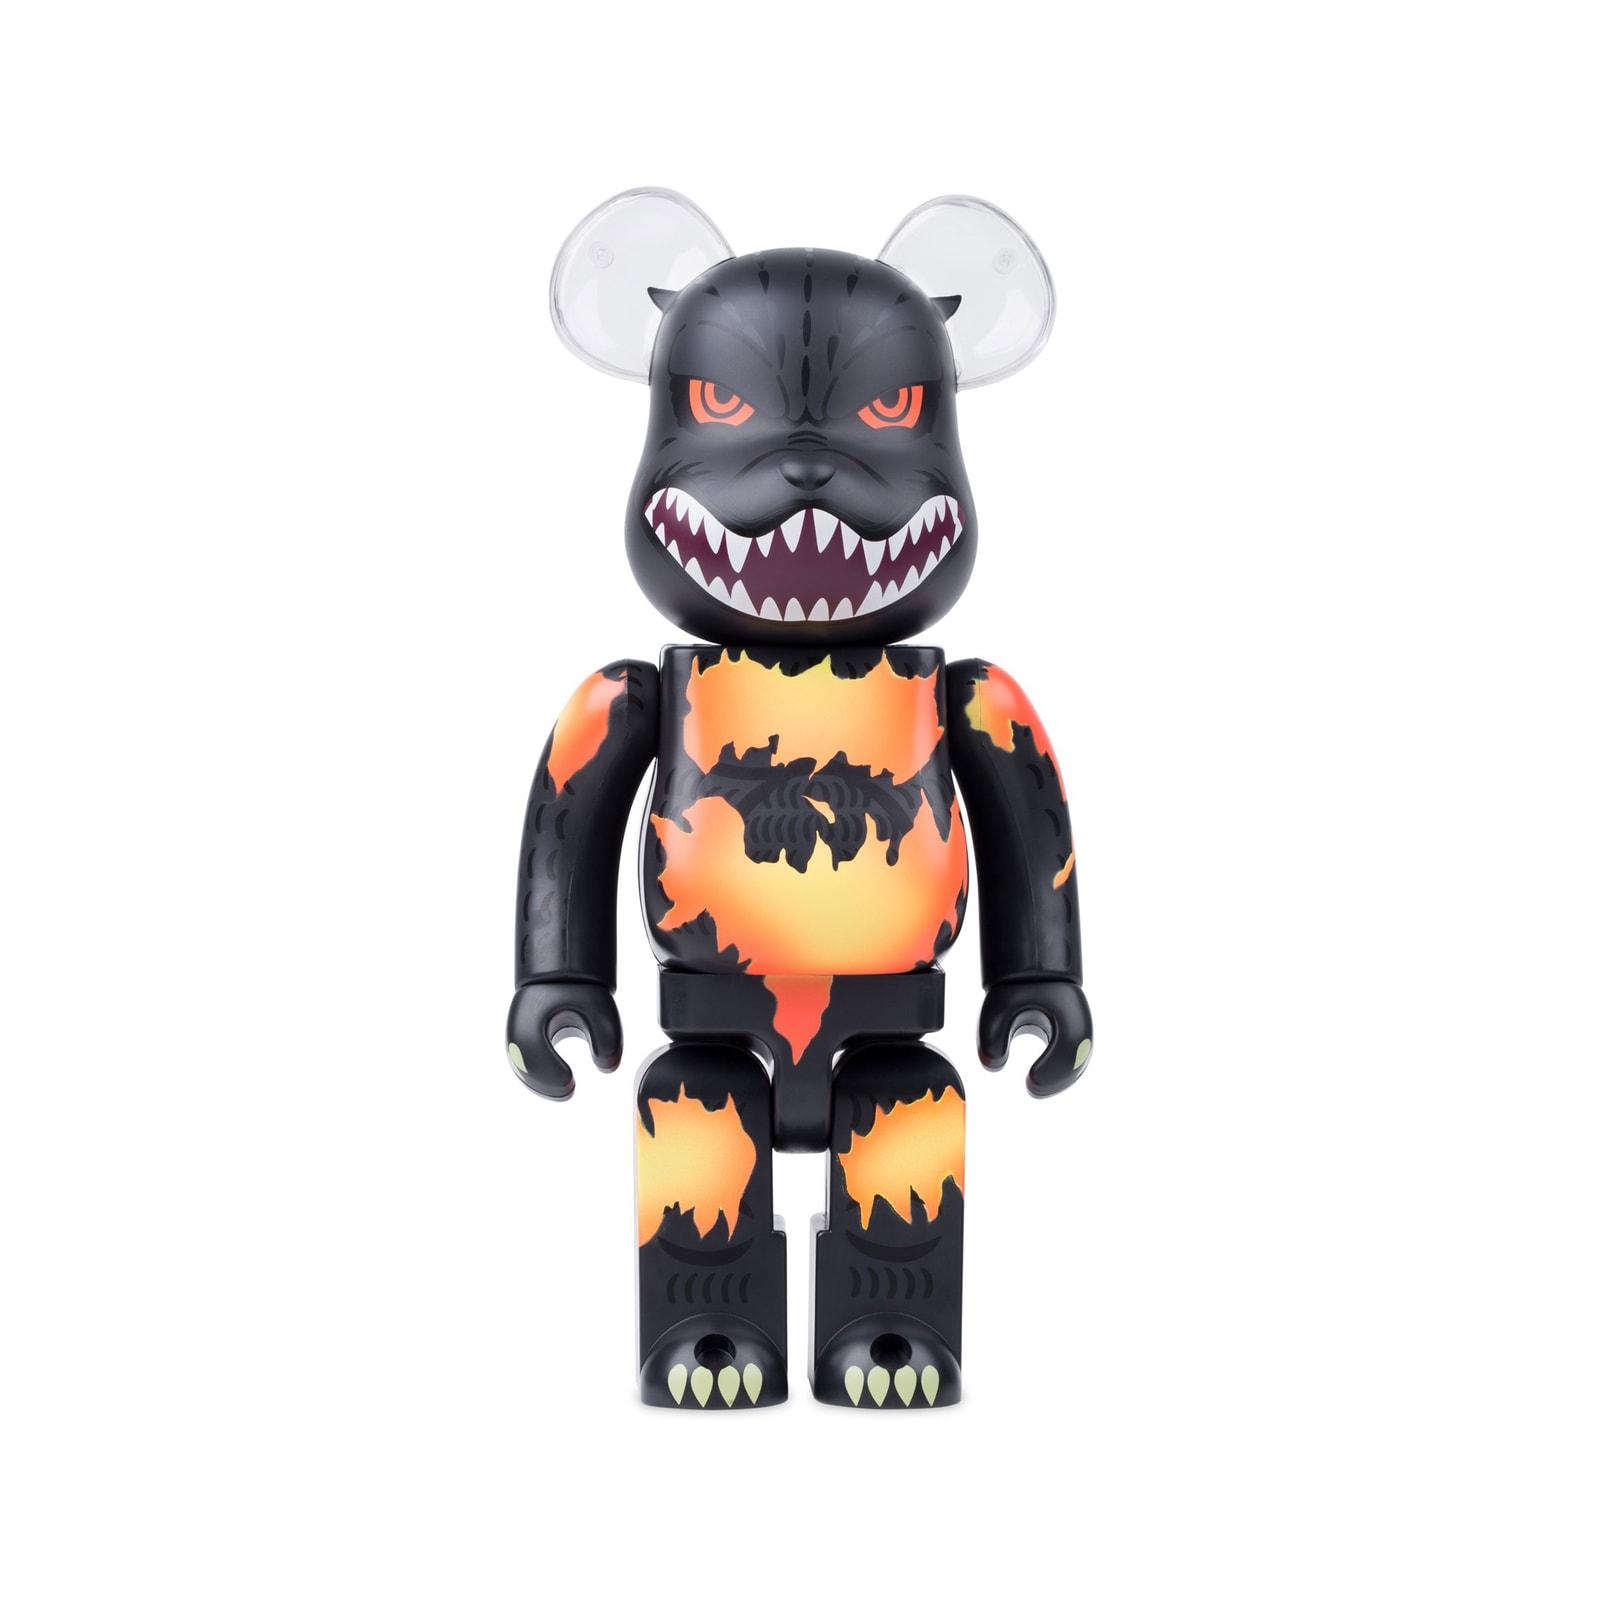 Medicom Toy Godzilla BE@RBRICK Desgodzi Buring Version 400%